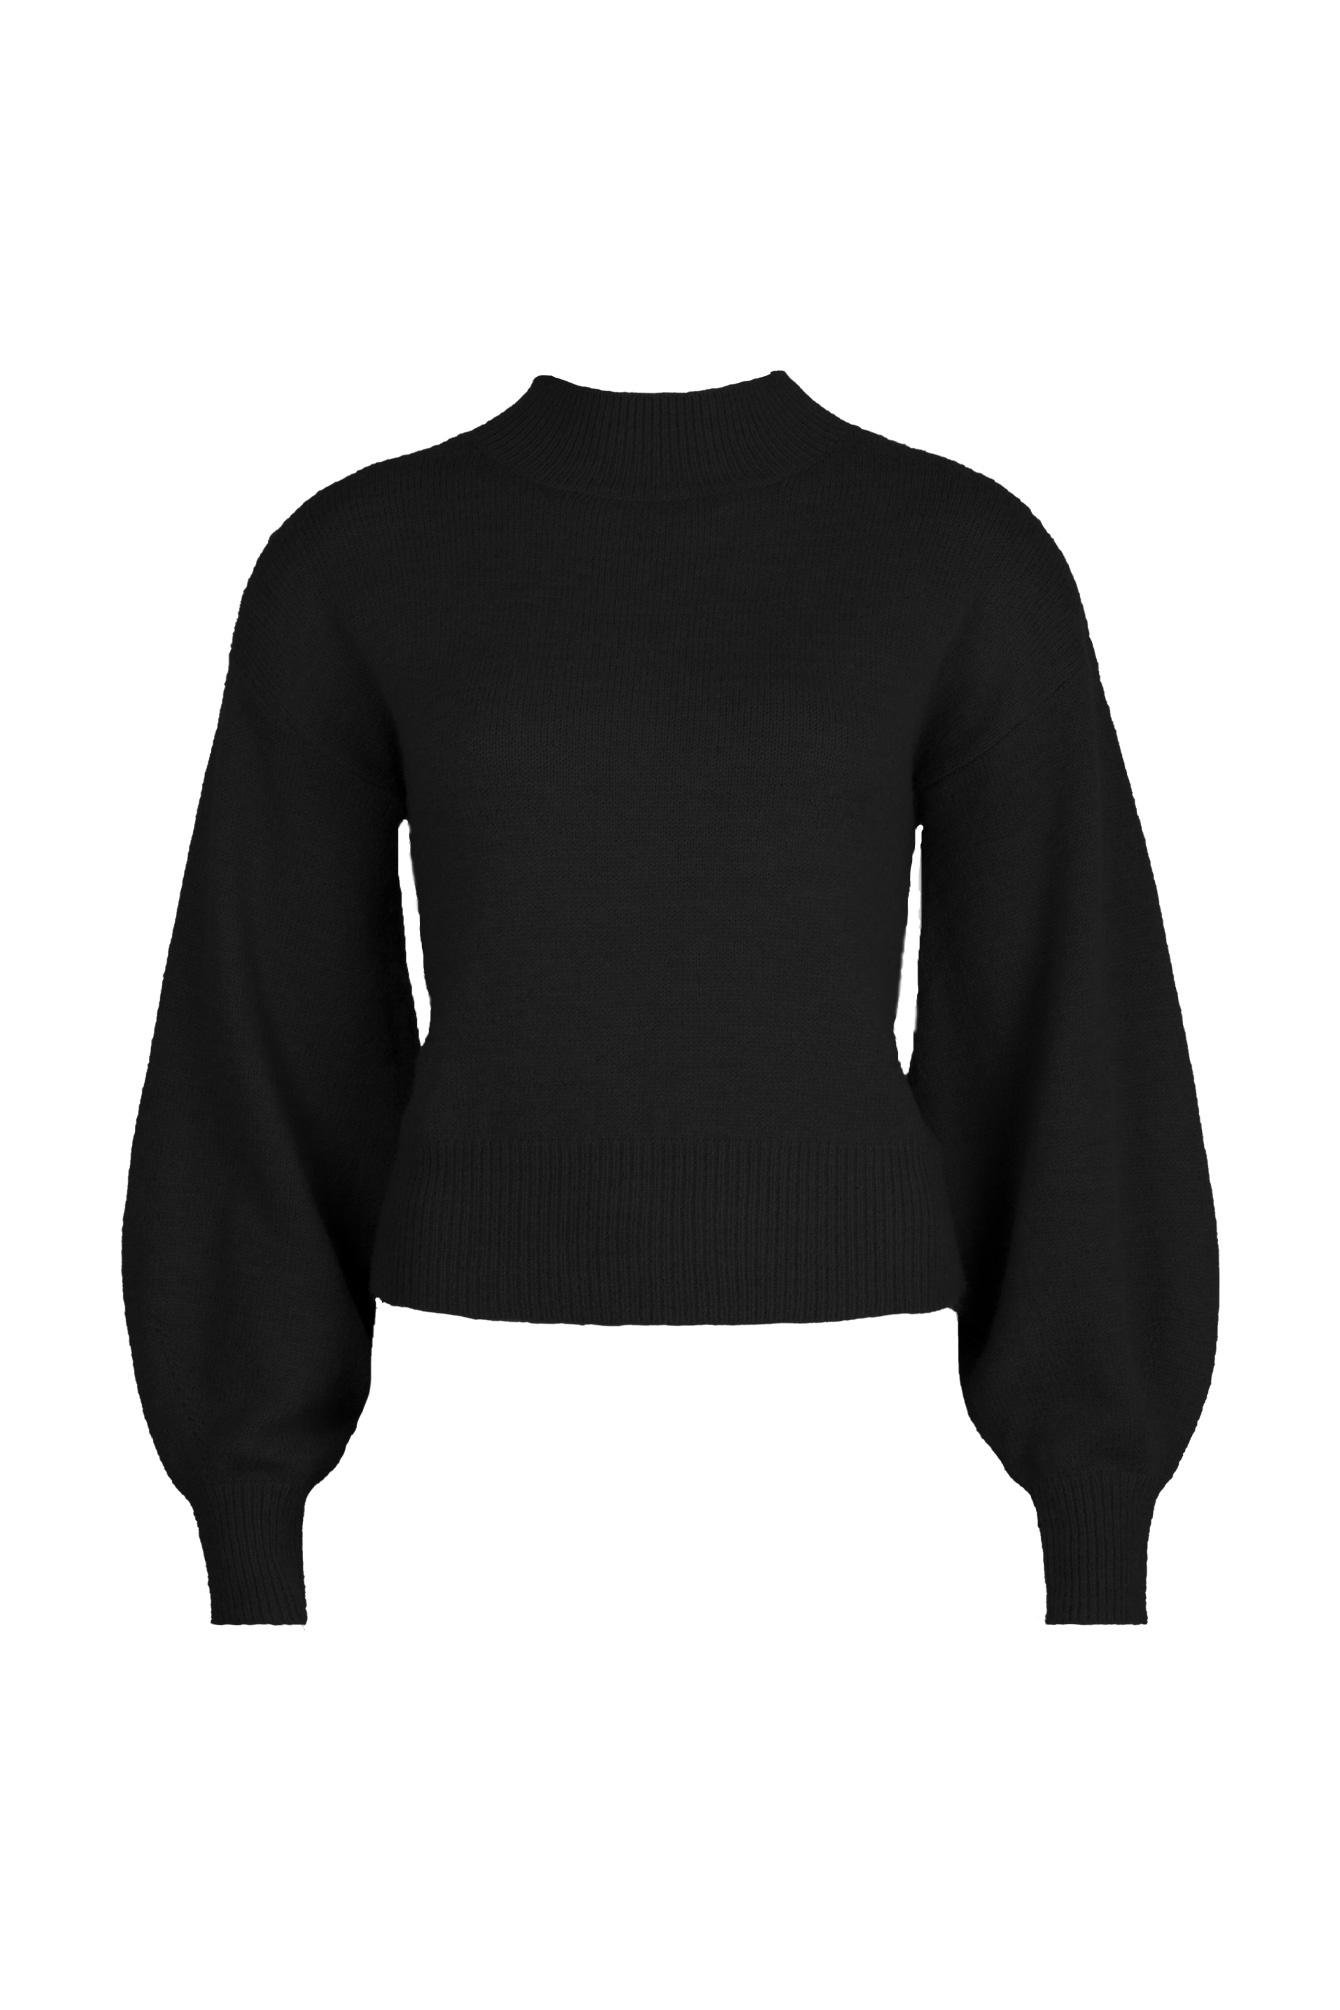 Knit Tianna zwart